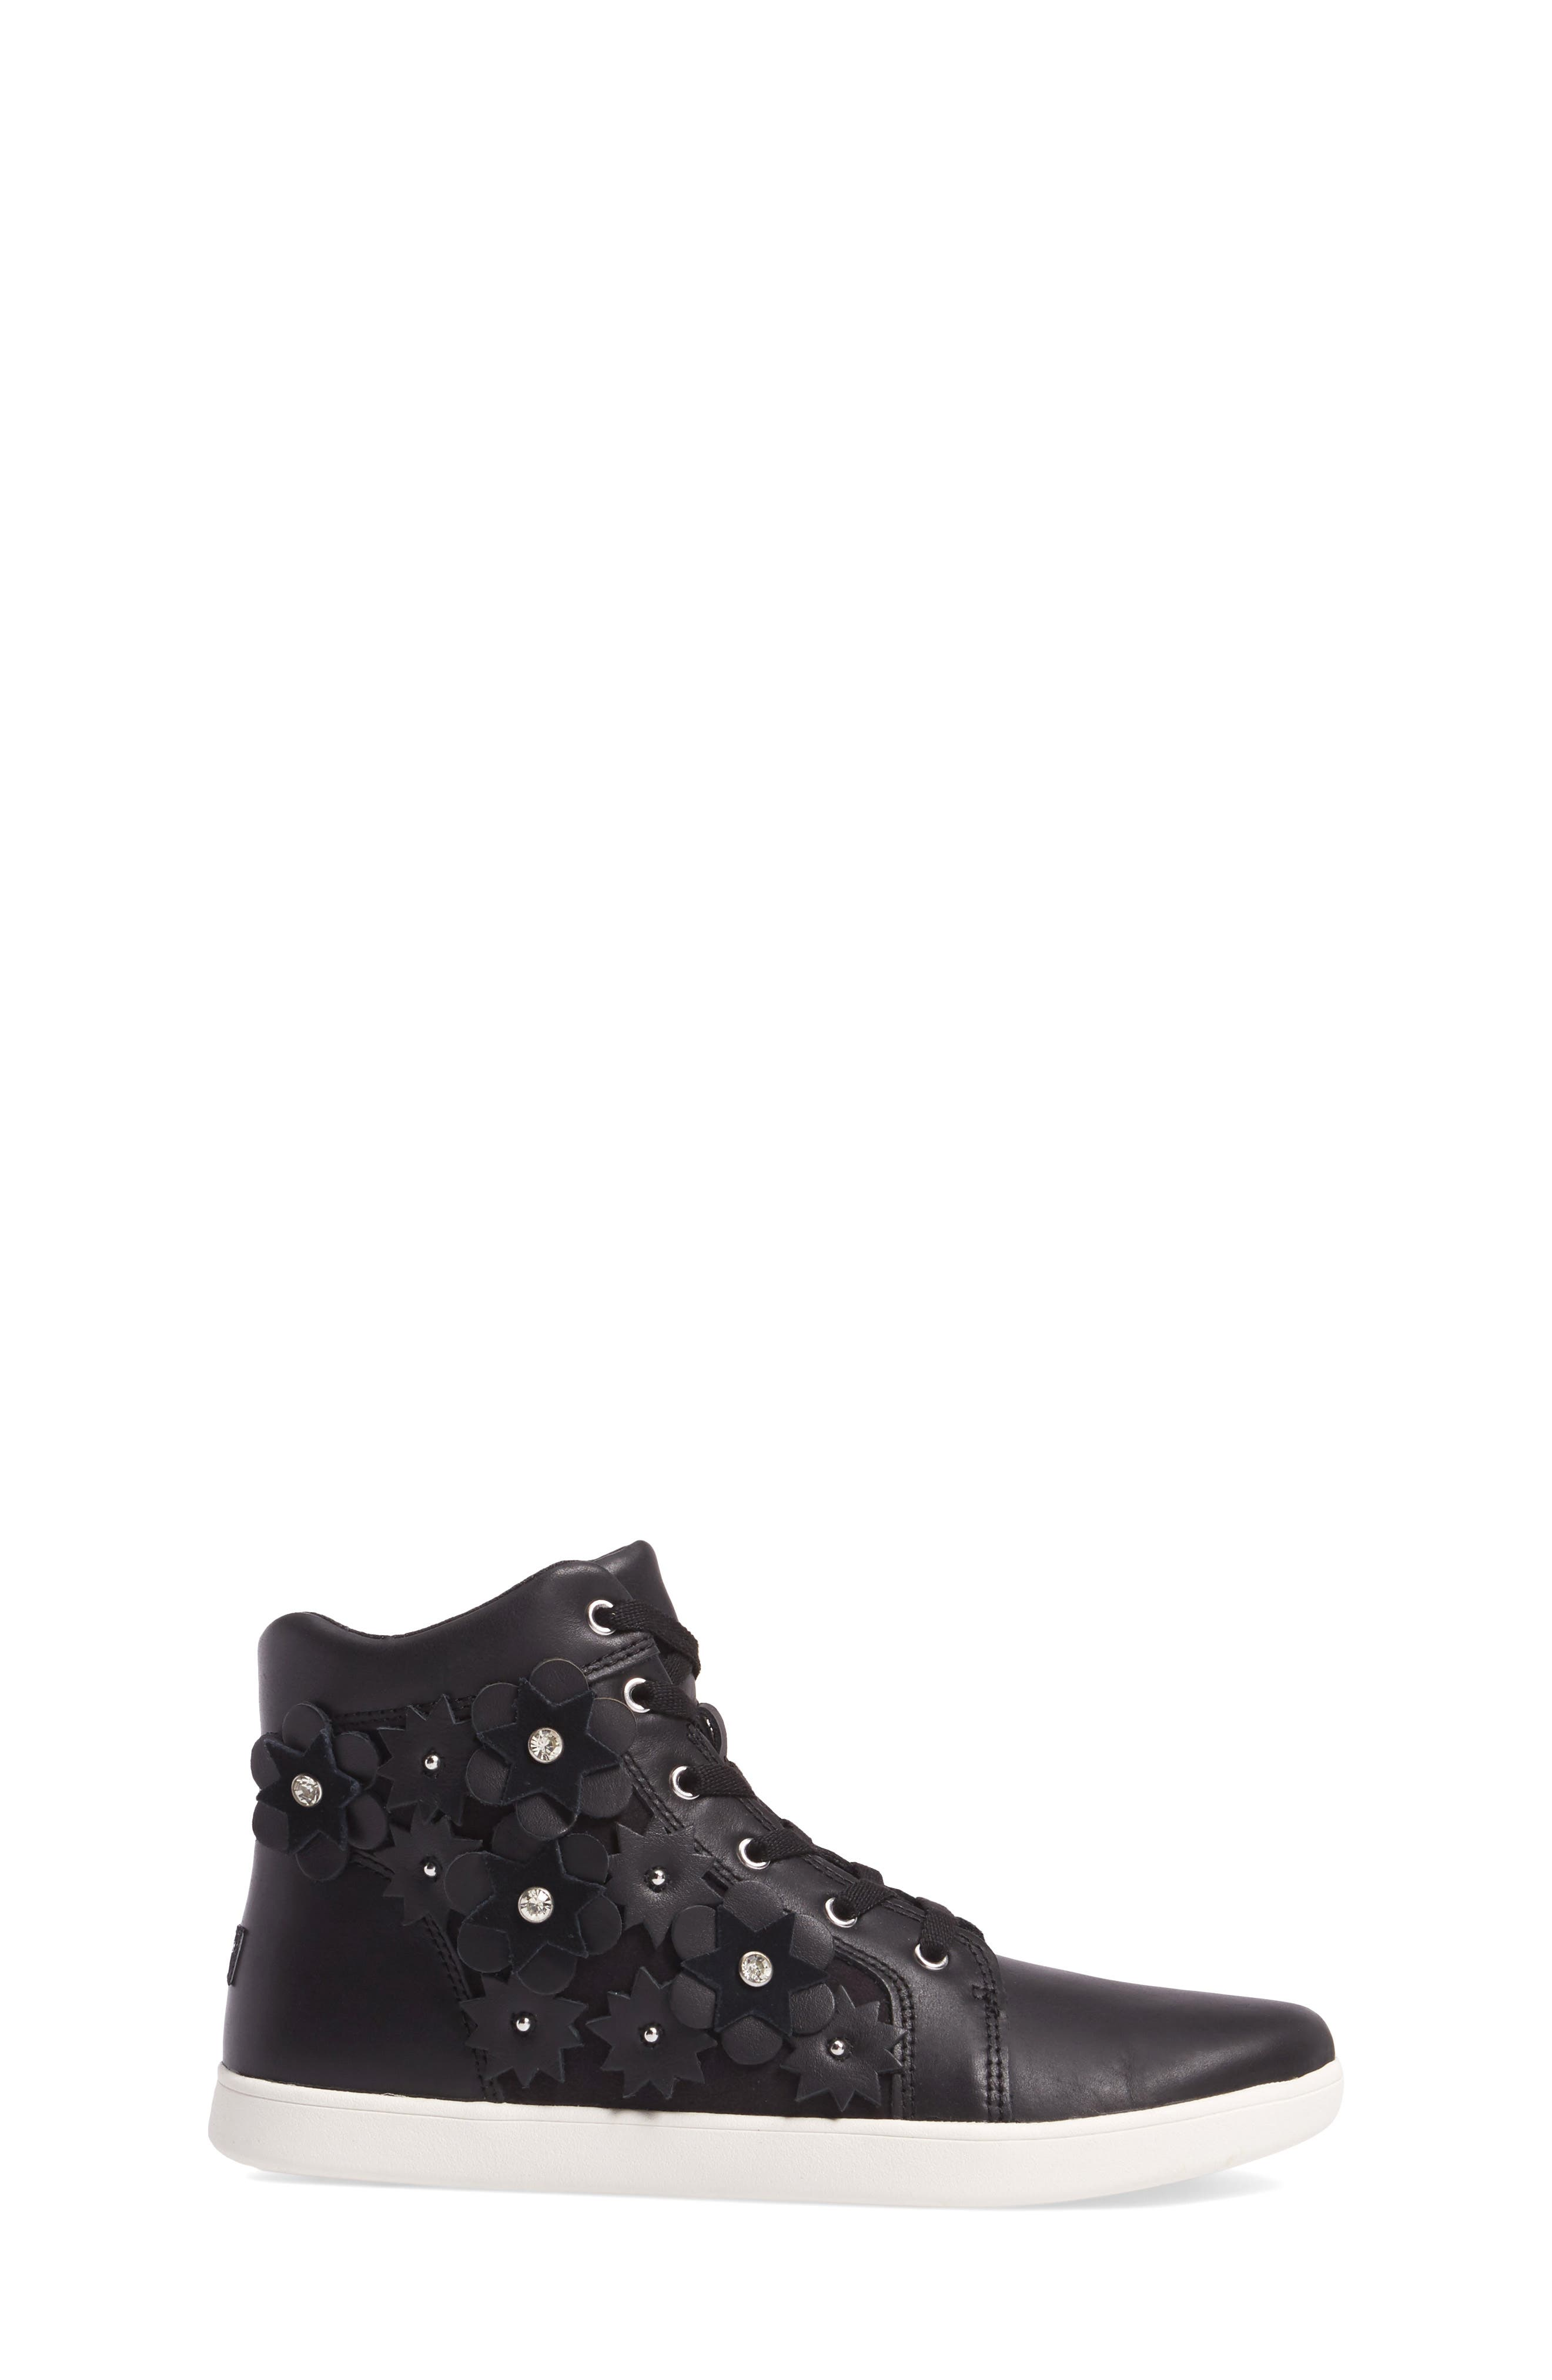 Schyler Petal Embellished High Top Sneaker,                             Alternate thumbnail 3, color,                             001